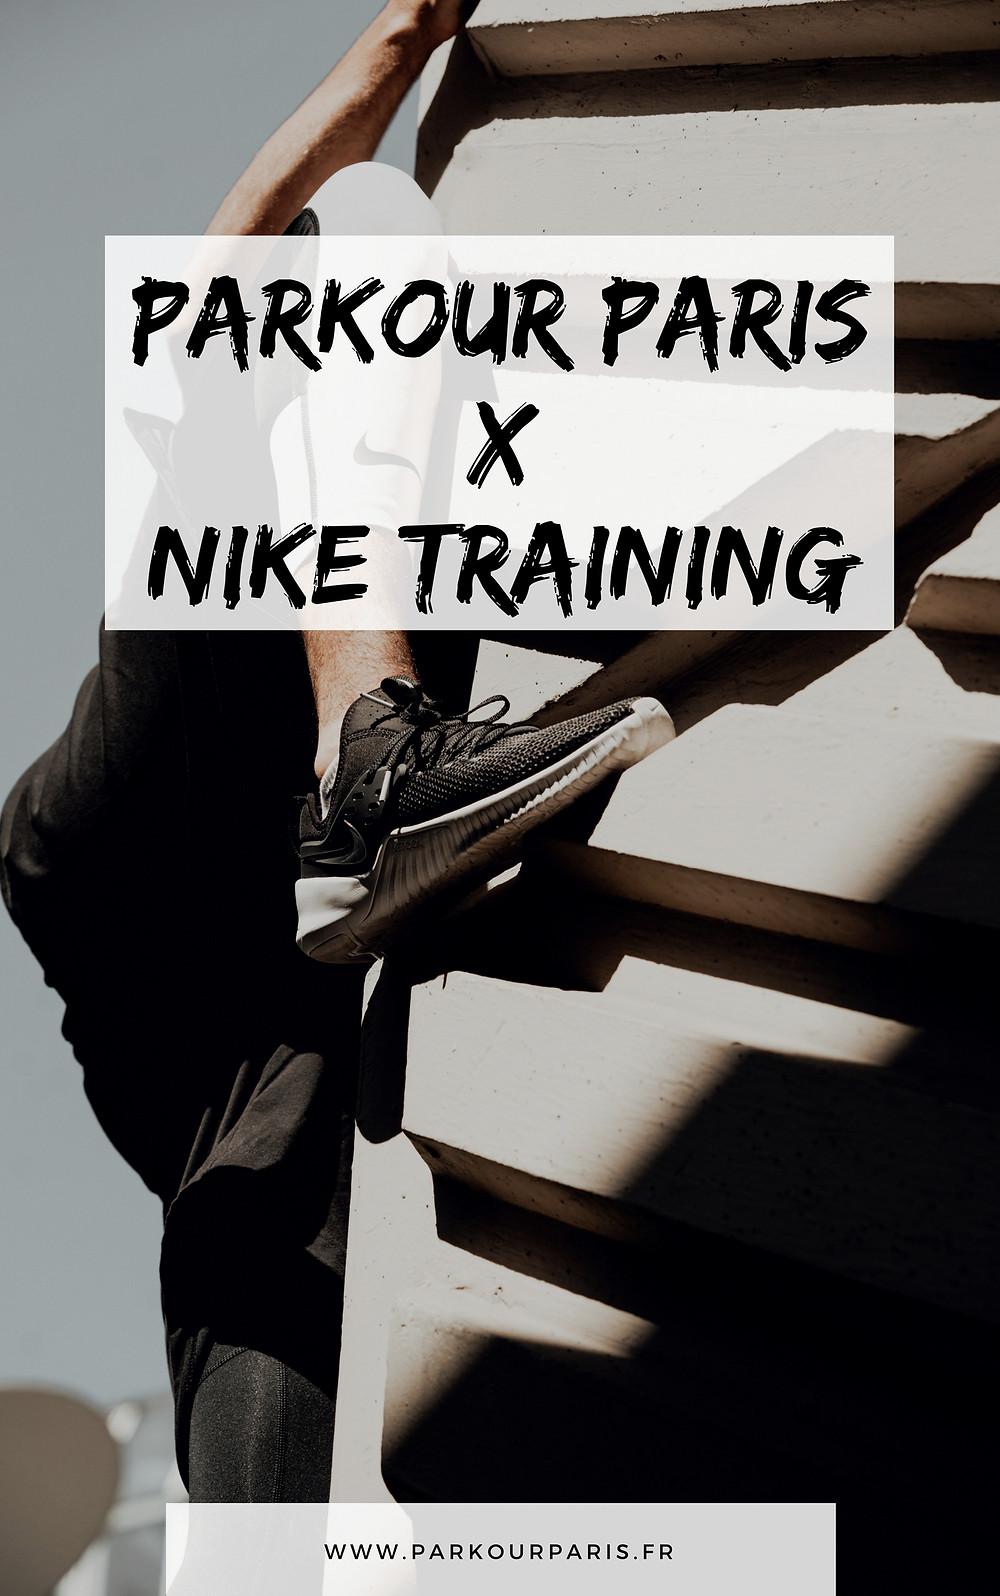 Parkour Paris X Nike Training